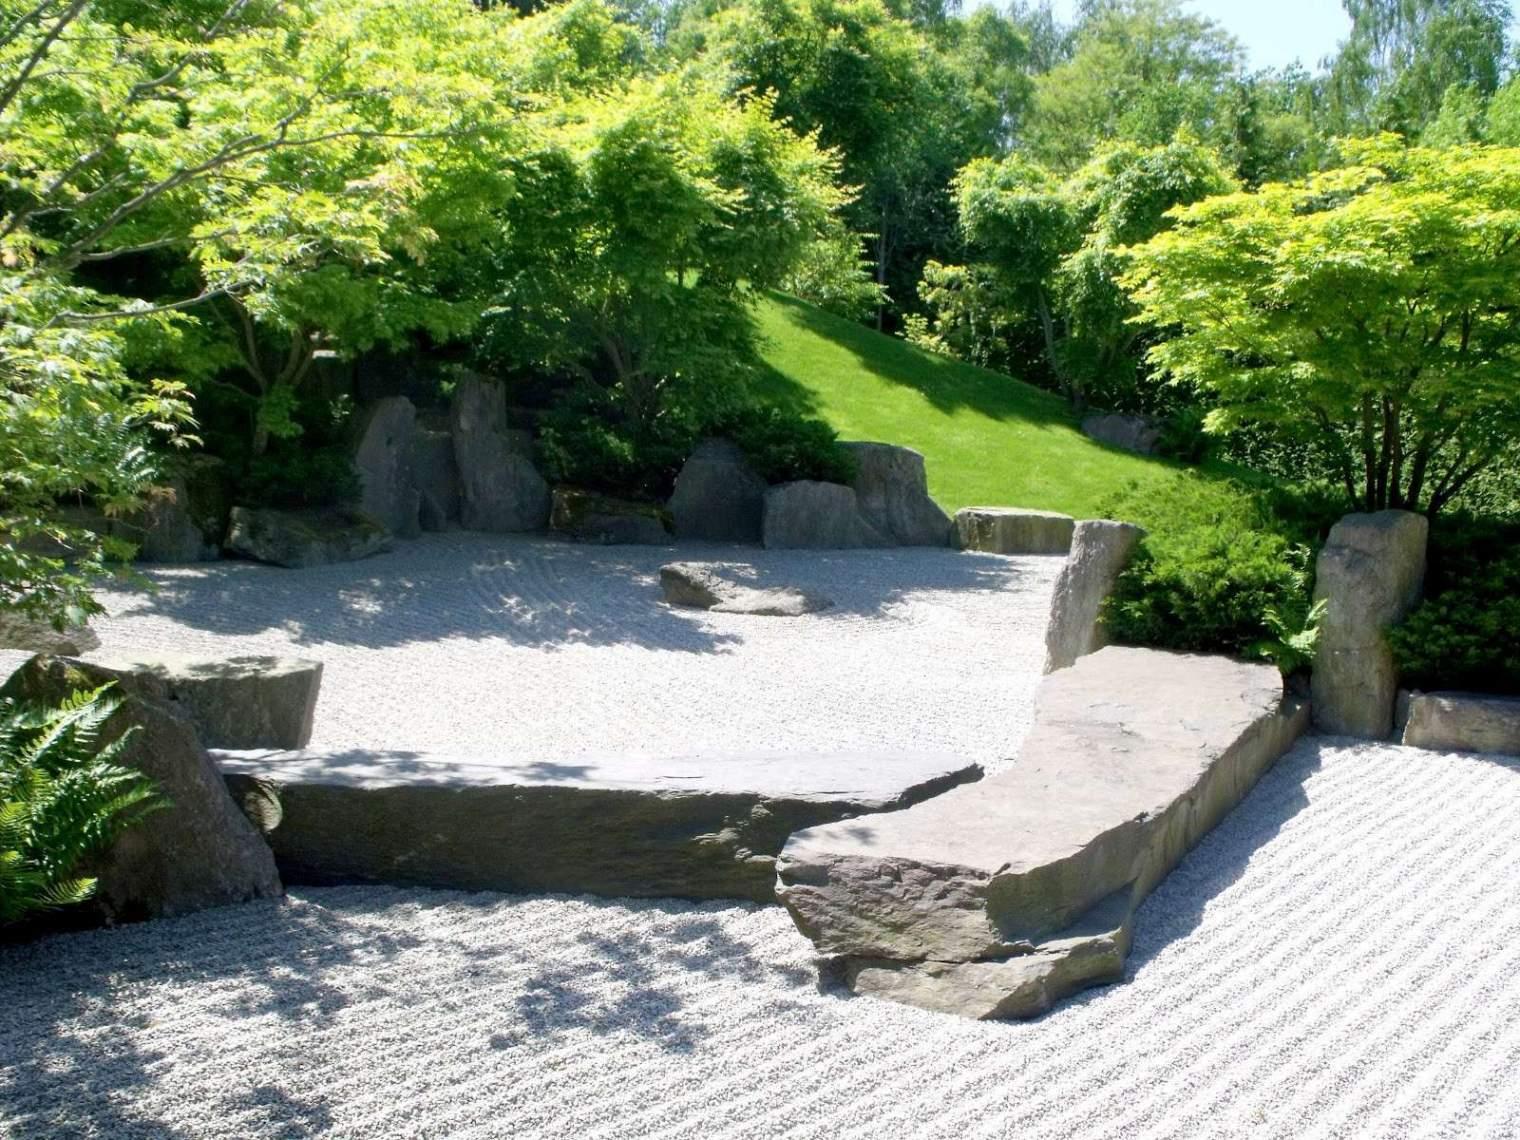 Schöne Gärten Bilder Einzigartig Kleine Pools Für Kleine Gärten — Temobardz Home Blog